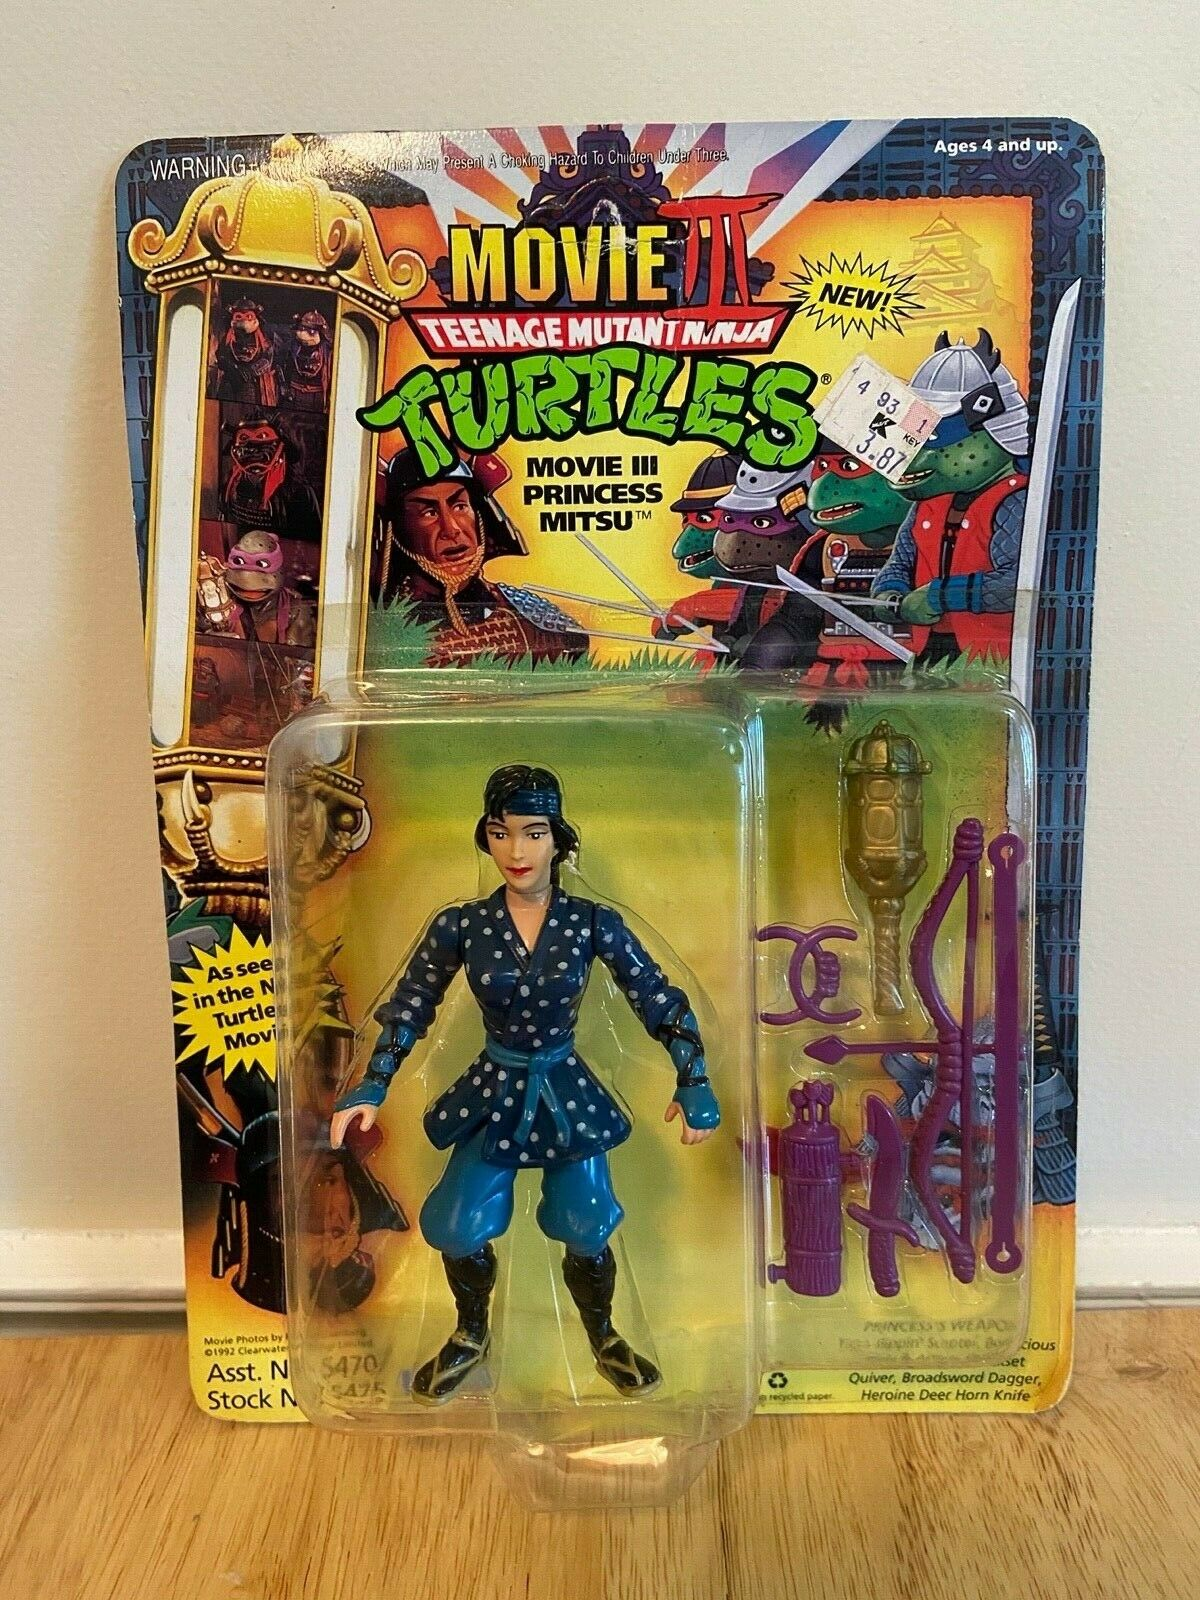 1992 Playmates Toys Teenage Mutant Ninja Turtles Movie 3 Princess